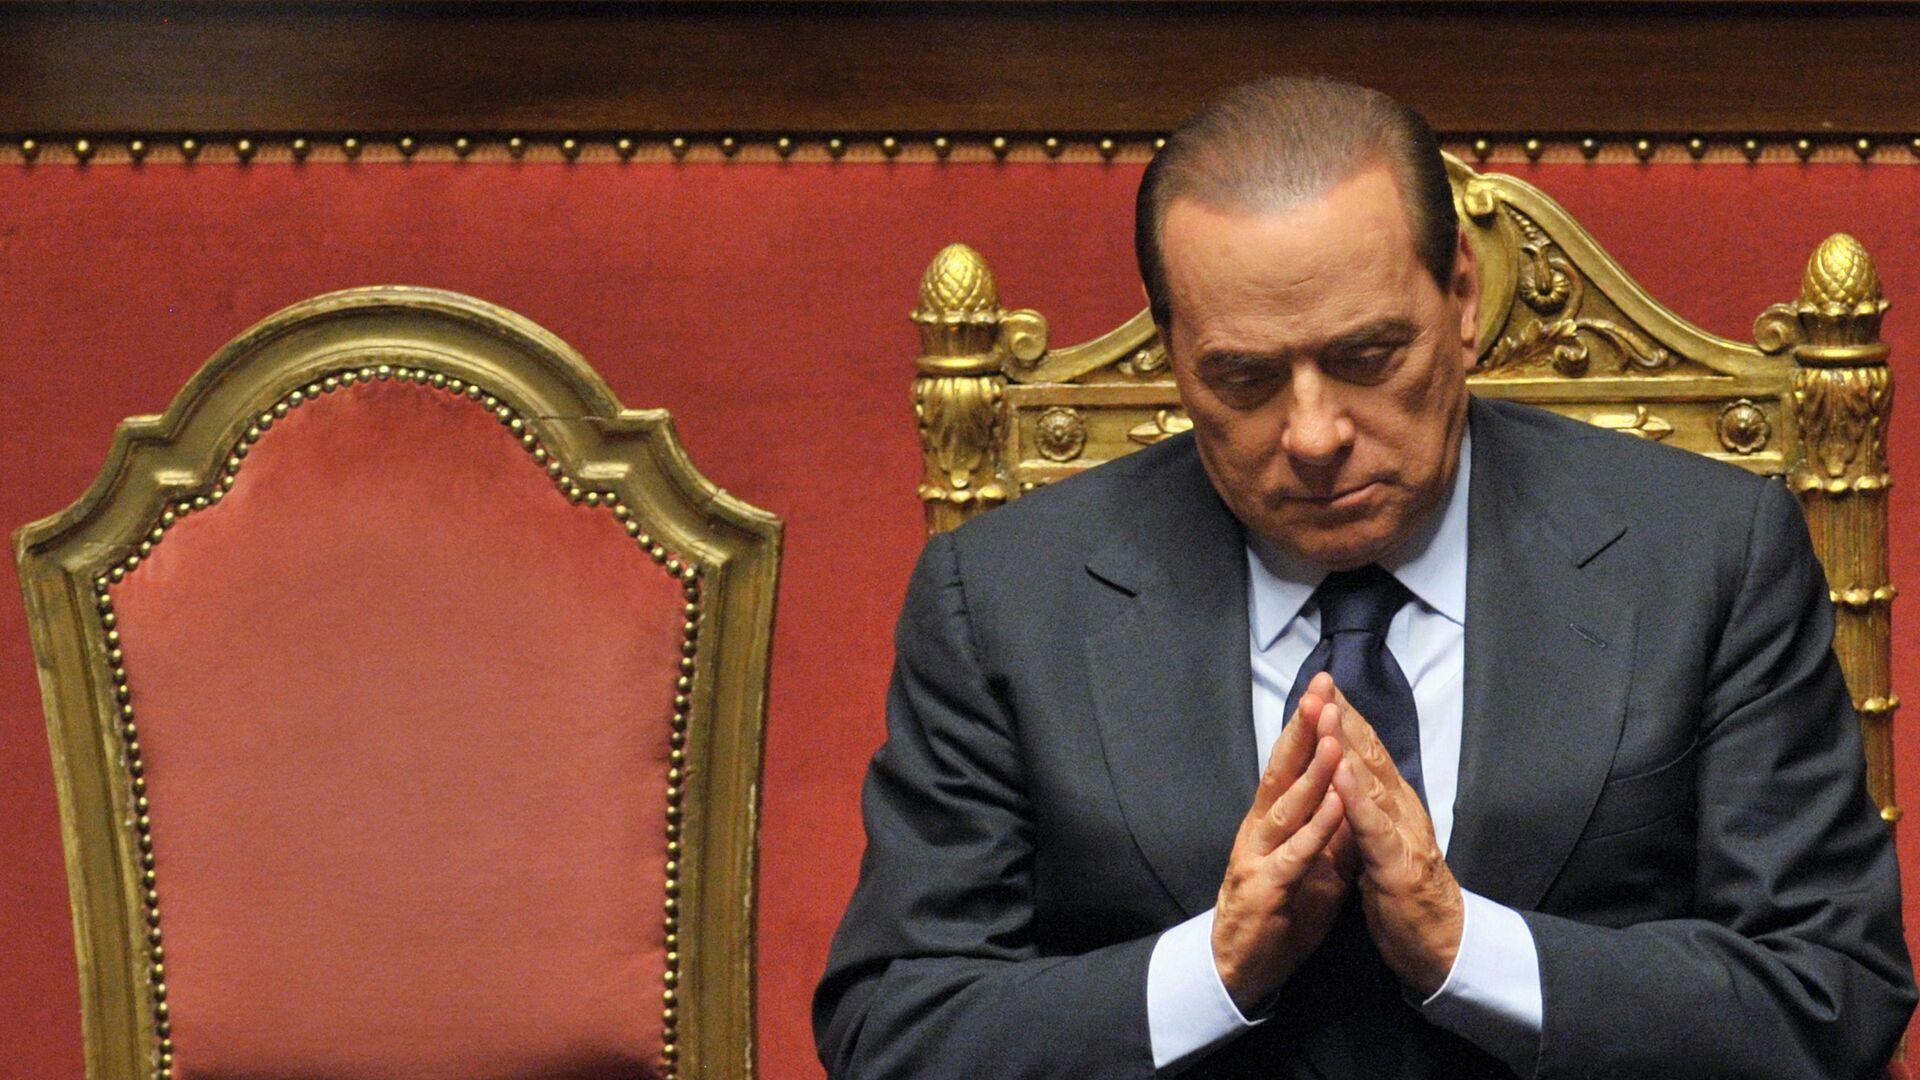 L'ex primo ministro italiano Silvio Berlusconi dopo il suo discorso al Senato, 13 dicembre 2010  - Sputnik Italia, 1920, 29.05.2021